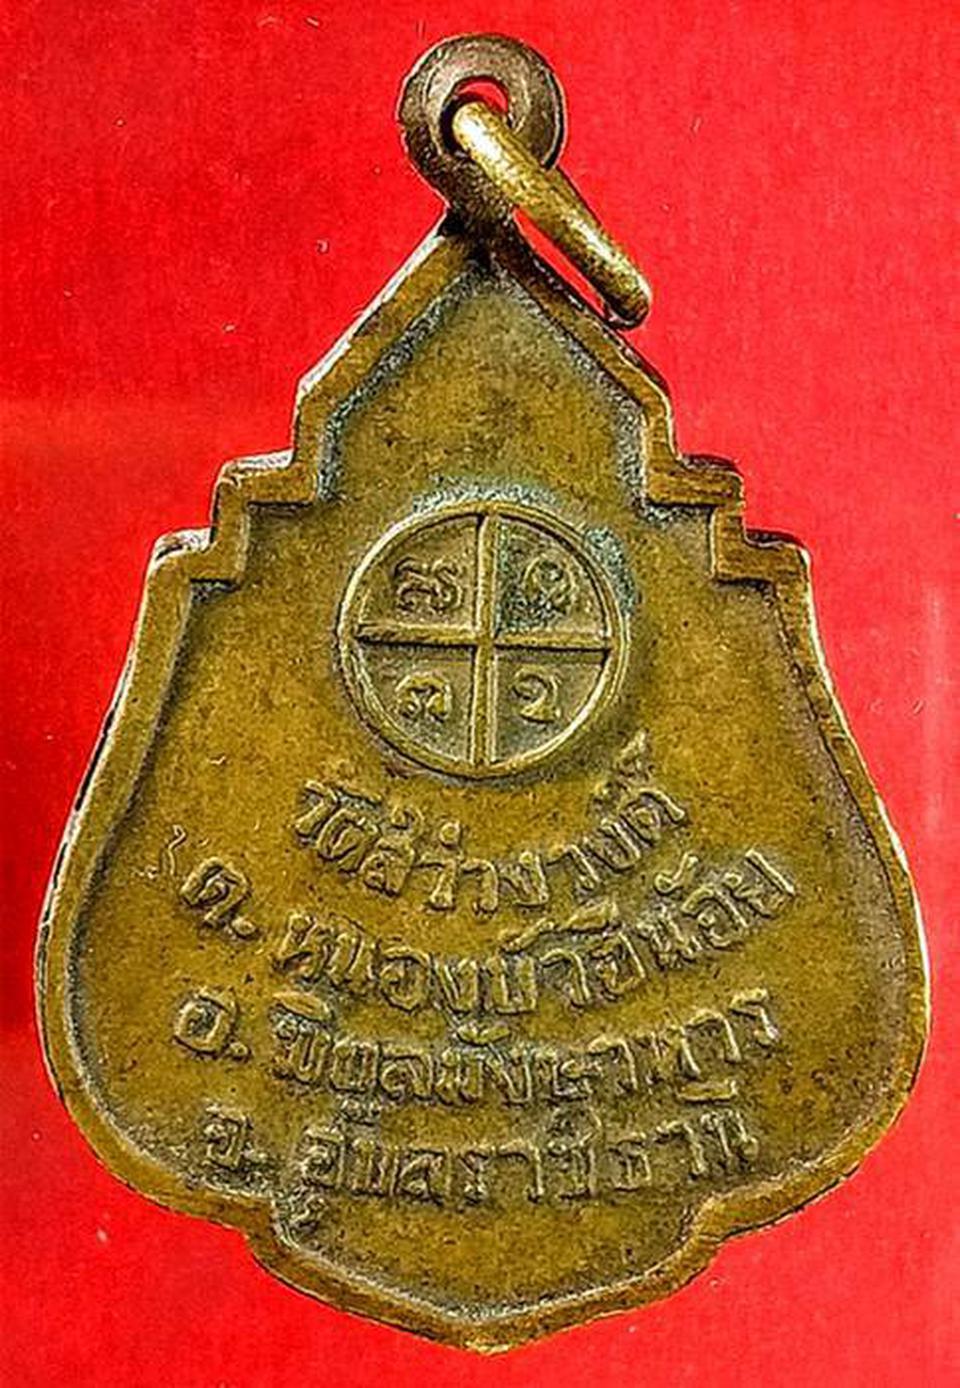 เหรียญหลวงพ่อแดง วัดสว่างวงศ์ ย้อนยุค ปี 2557 รูปที่ 1